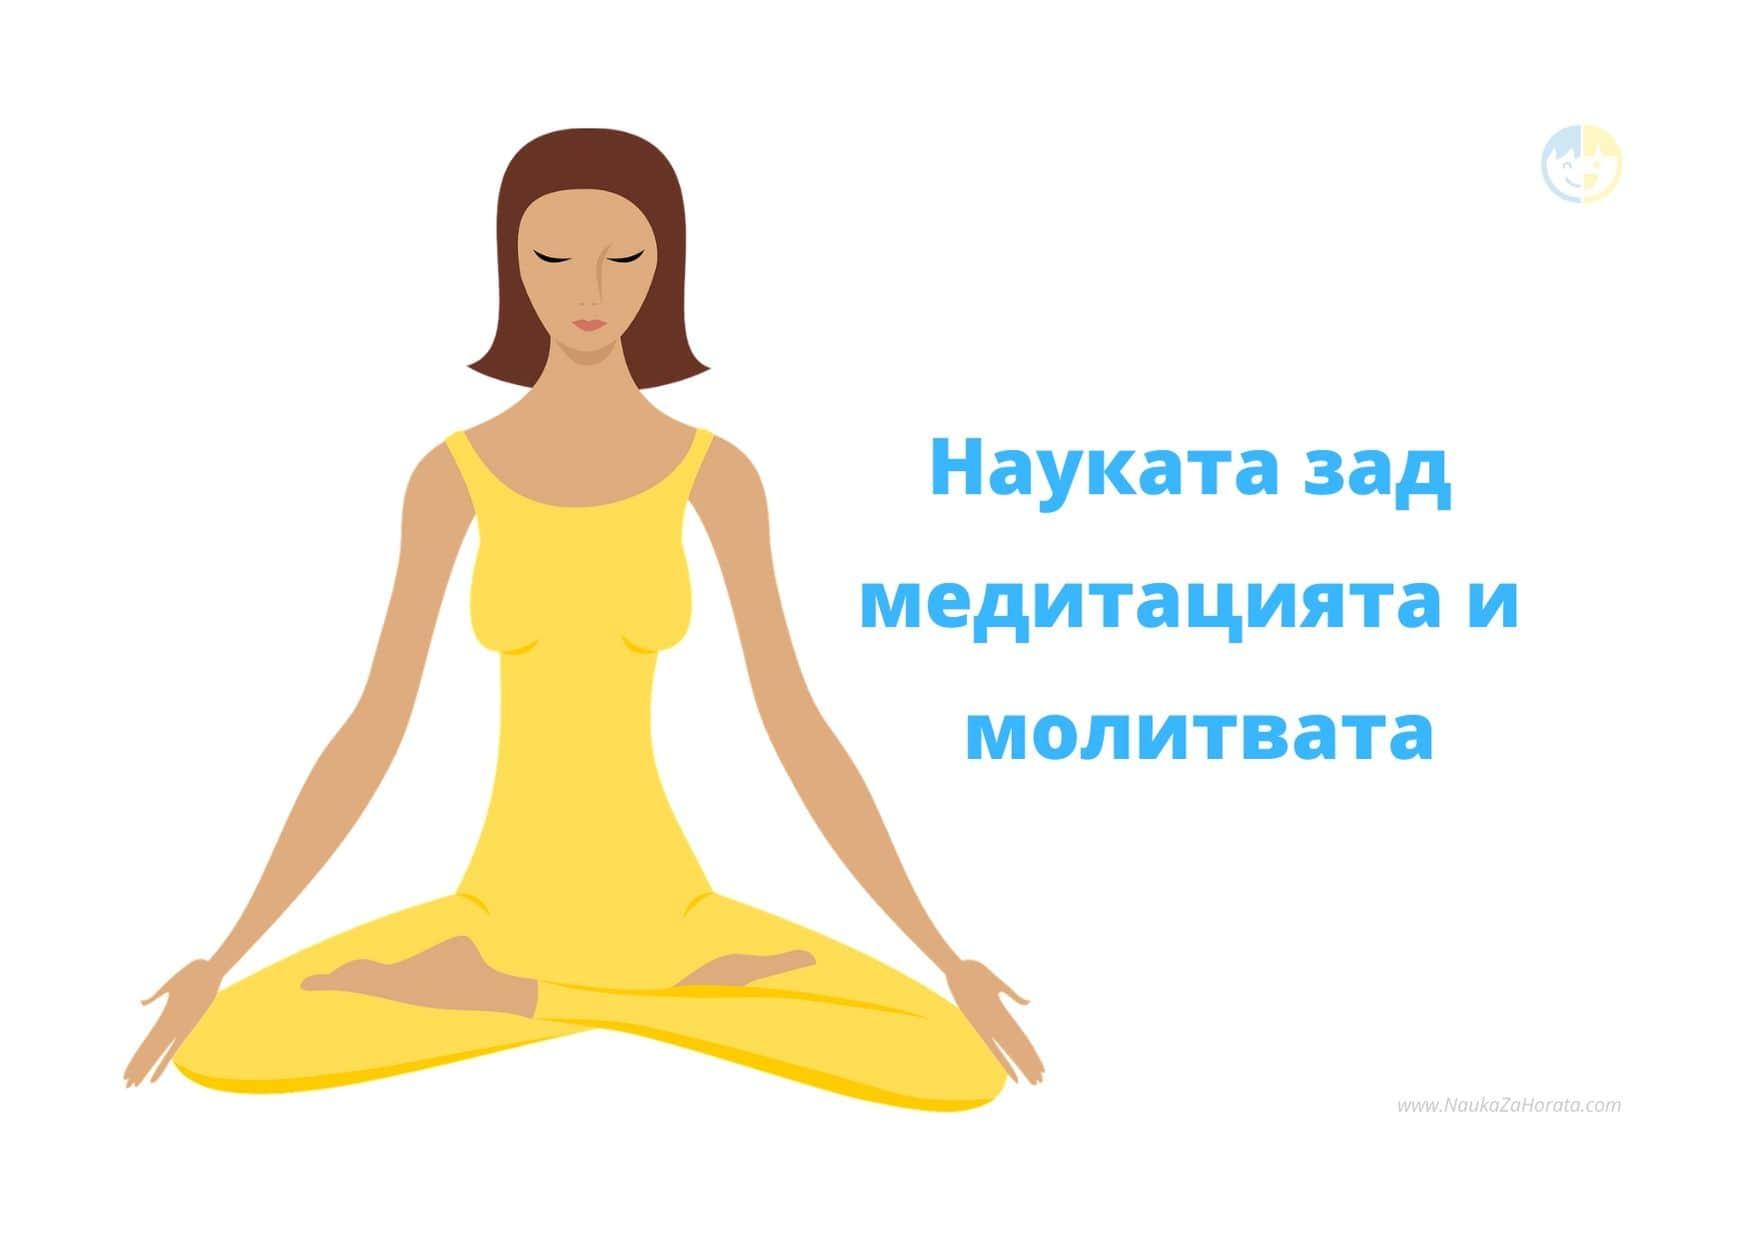 Науката зад медитацията и молитвата жена медититира облечена в жълто